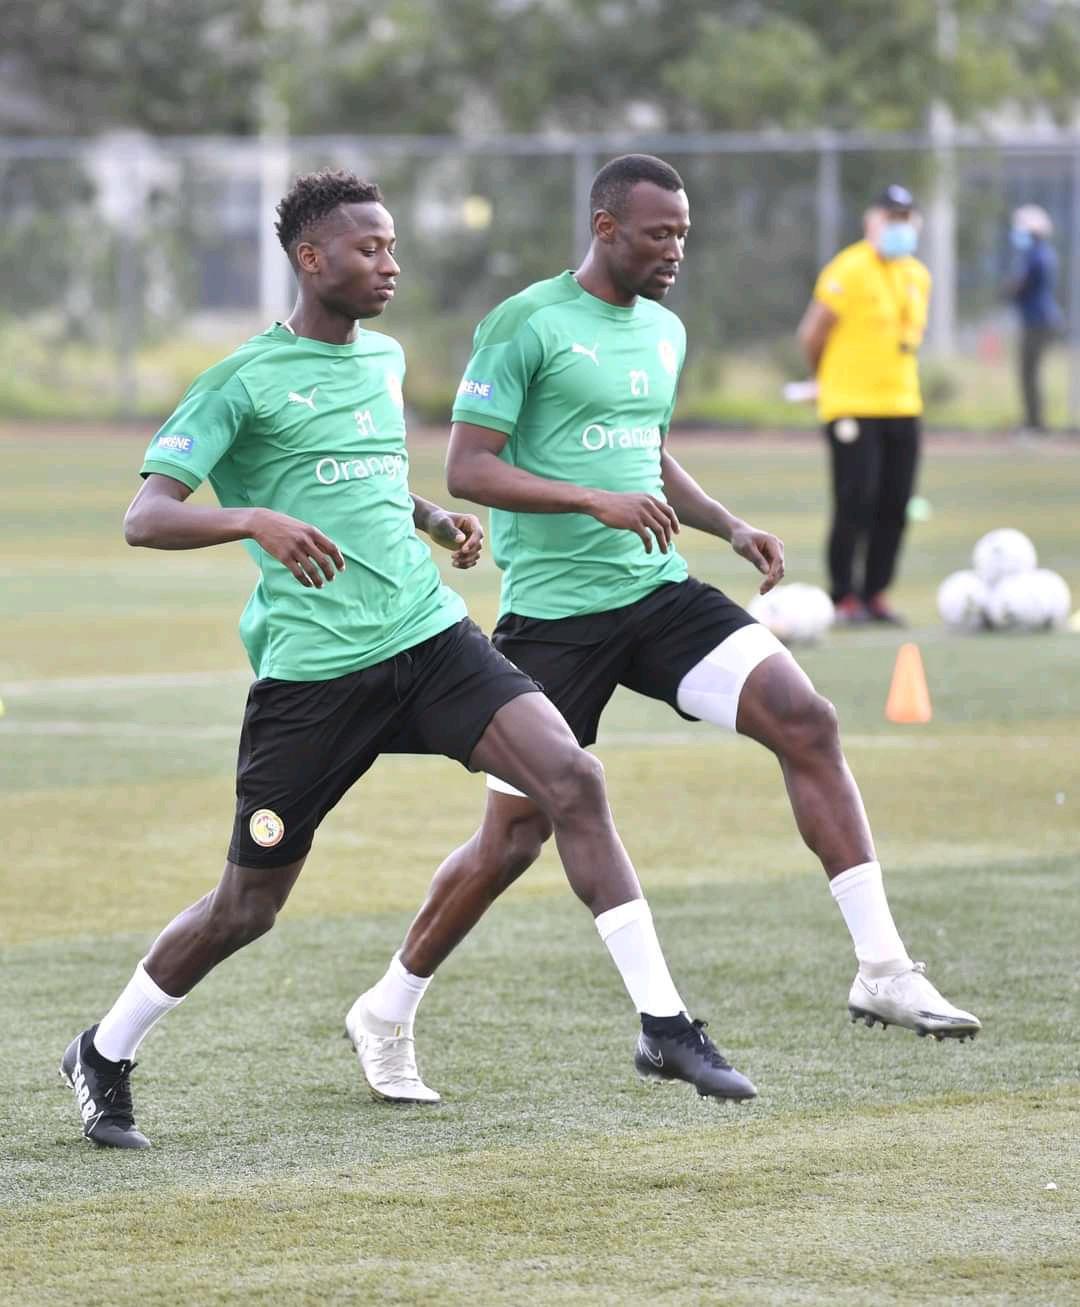 Éliminatoires CAN 2022 : Deuxième galop d'entrainement des Lions à Brazzaville, le groupe au complet… (Photos)